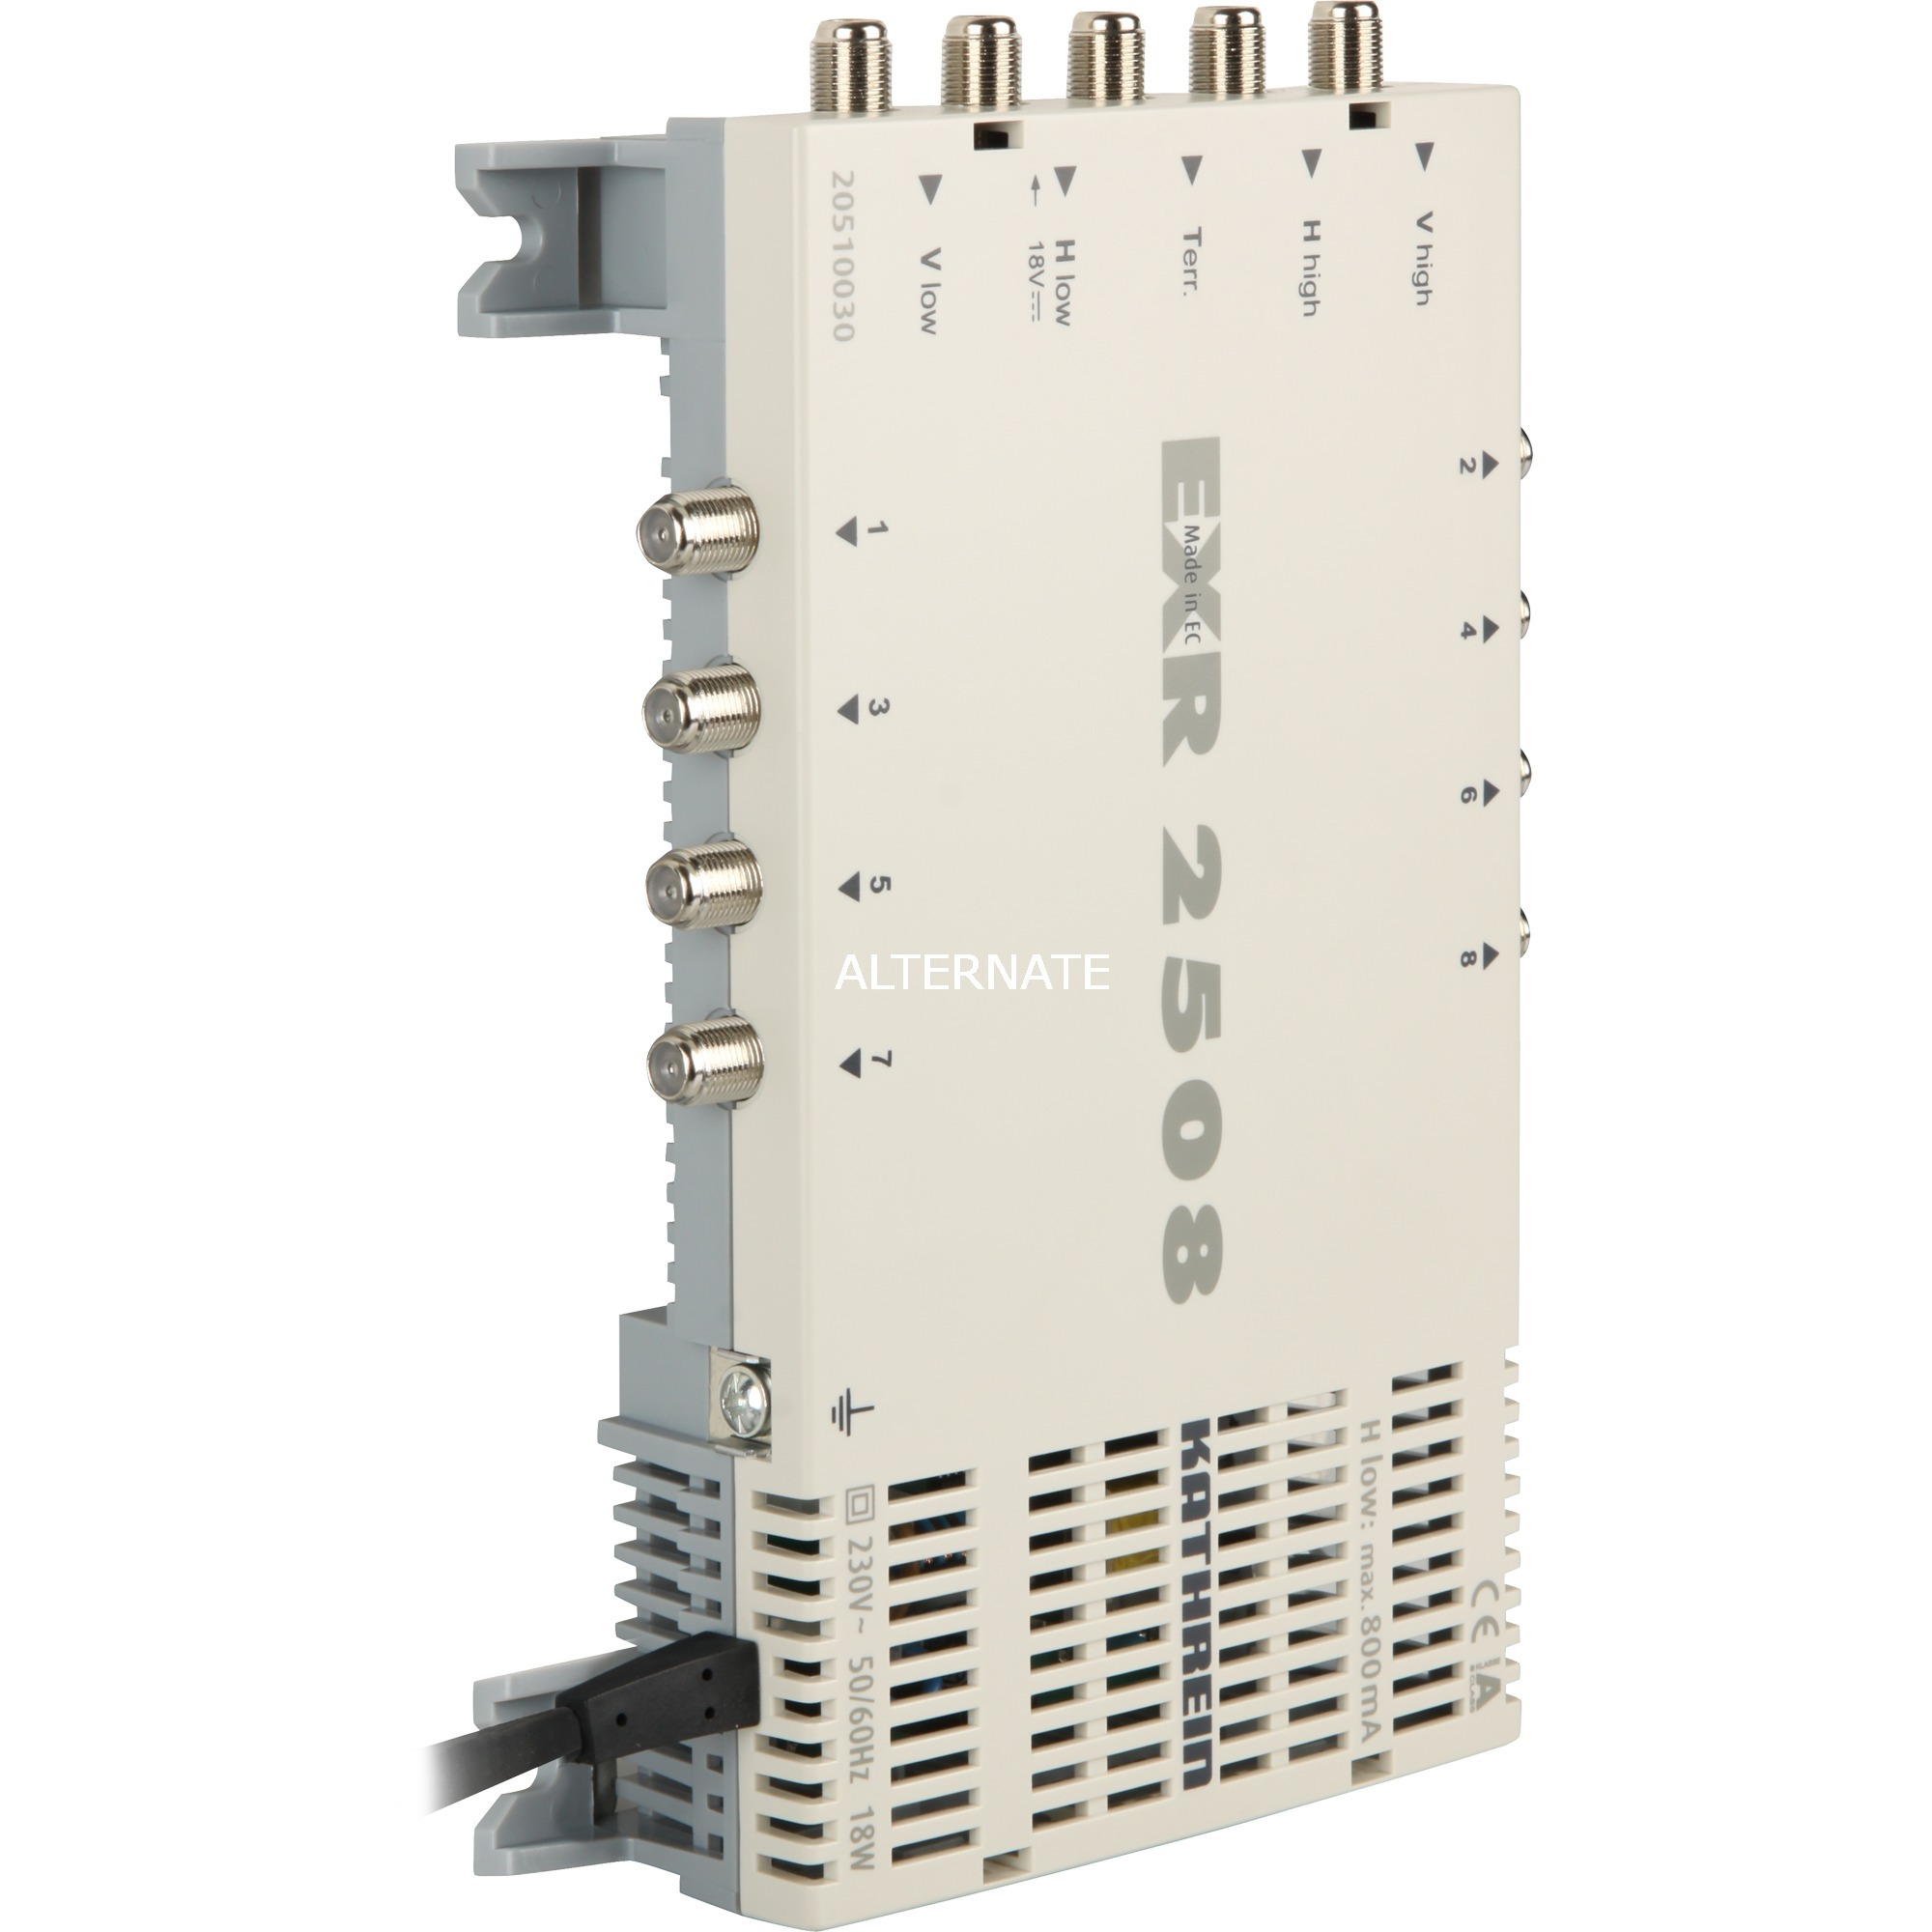 EXR 2508 tV set-top boxes Gris, Interruptor múltiple